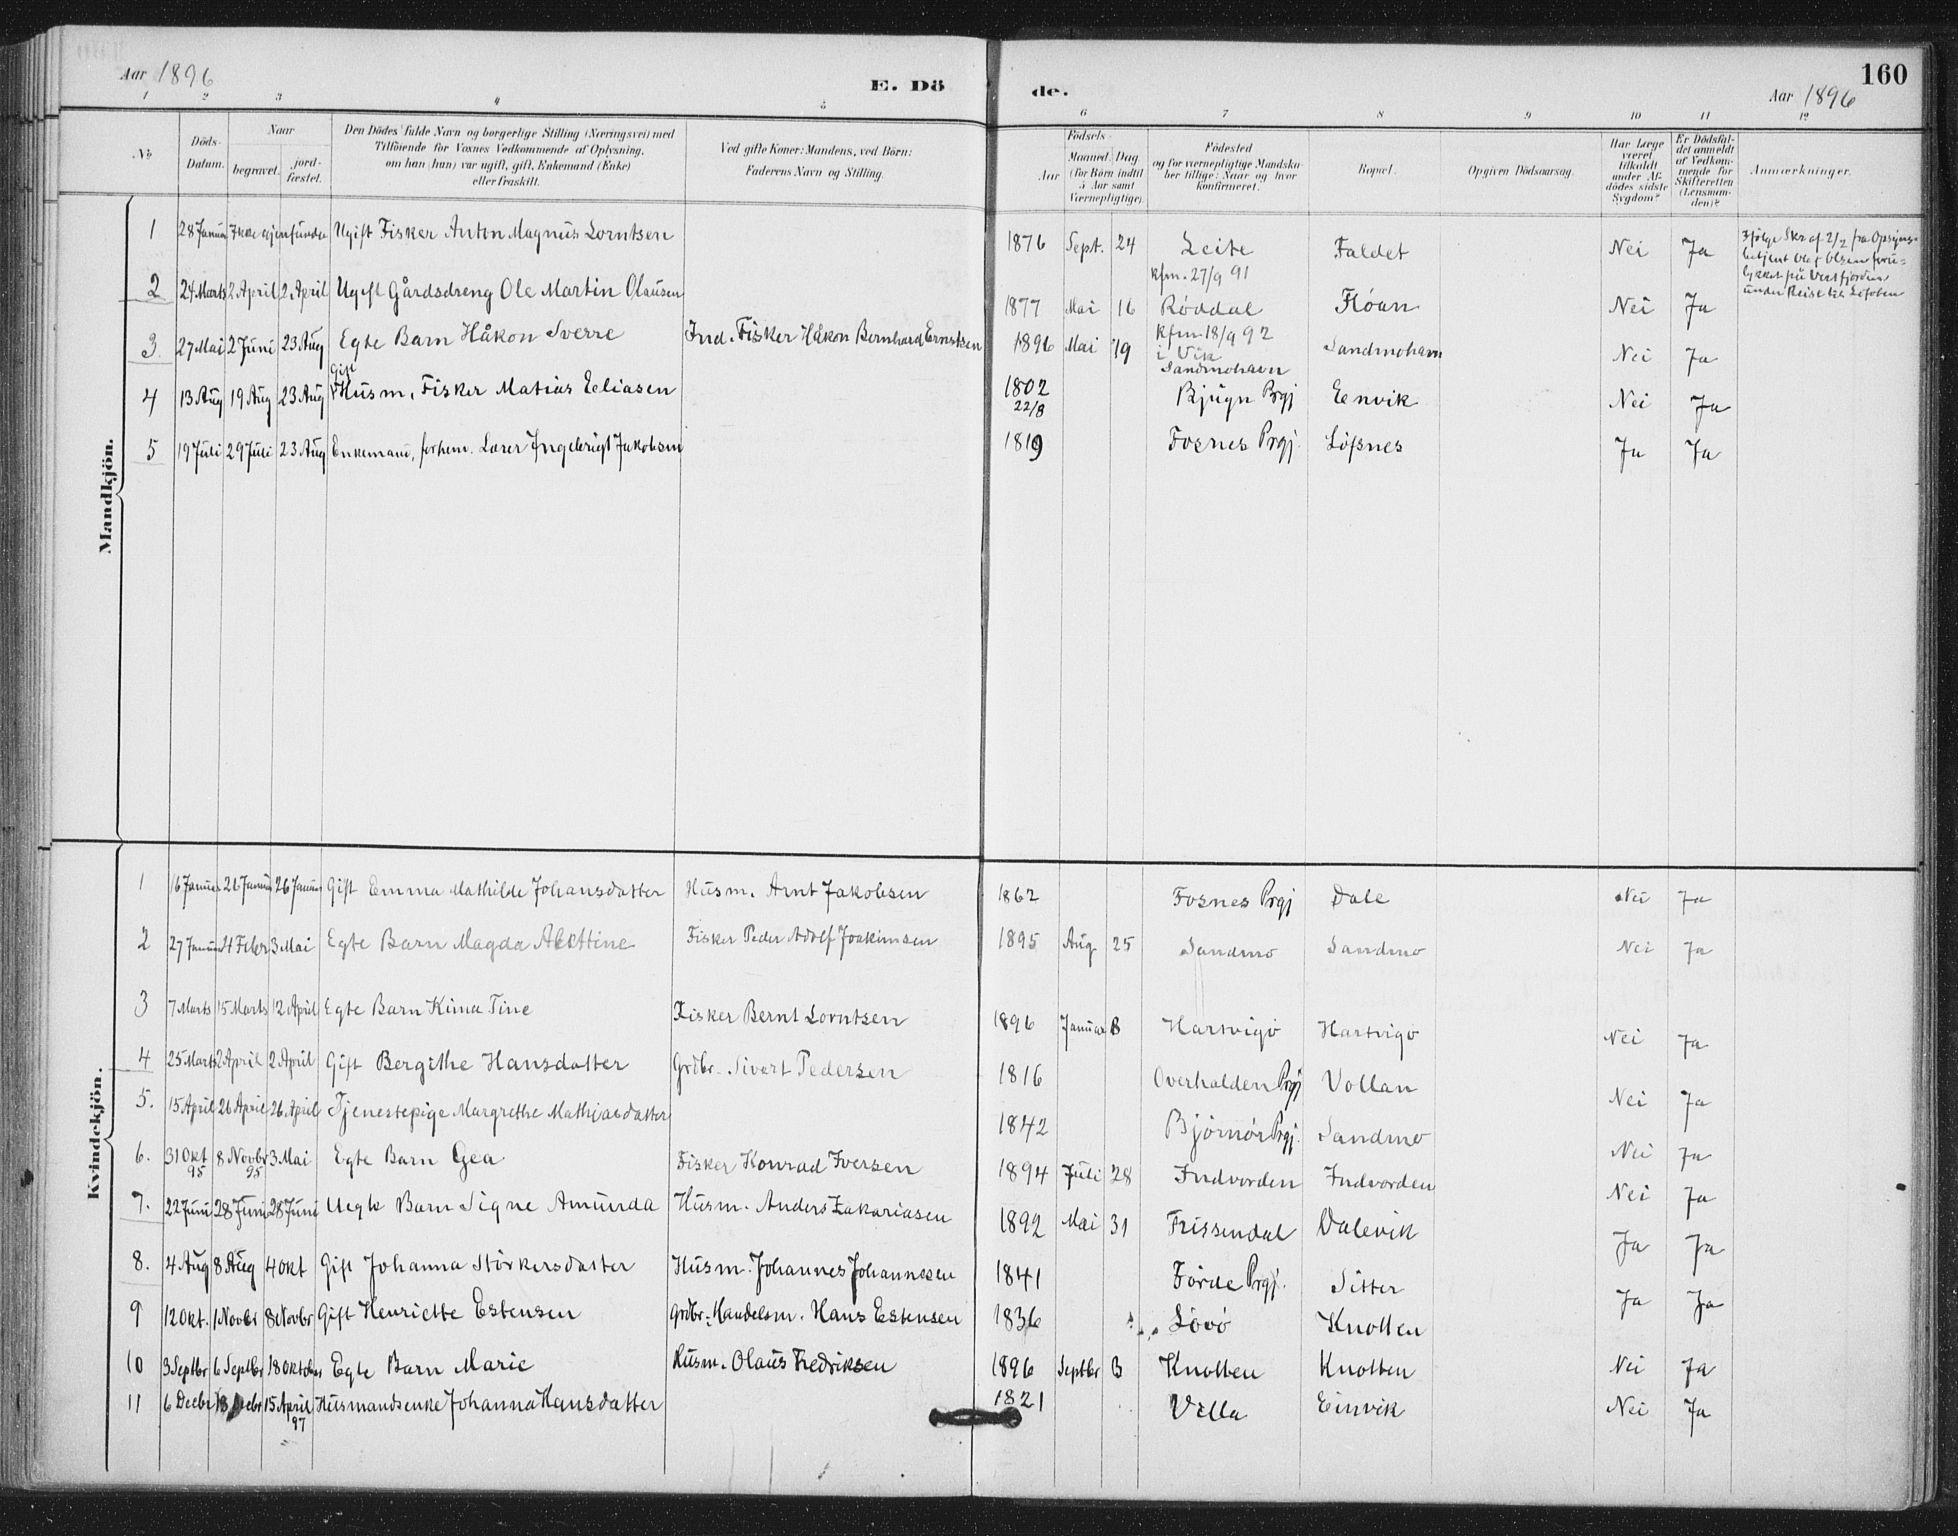 SAT, Ministerialprotokoller, klokkerbøker og fødselsregistre - Nord-Trøndelag, 772/L0603: Ministerialbok nr. 772A01, 1885-1912, s. 160